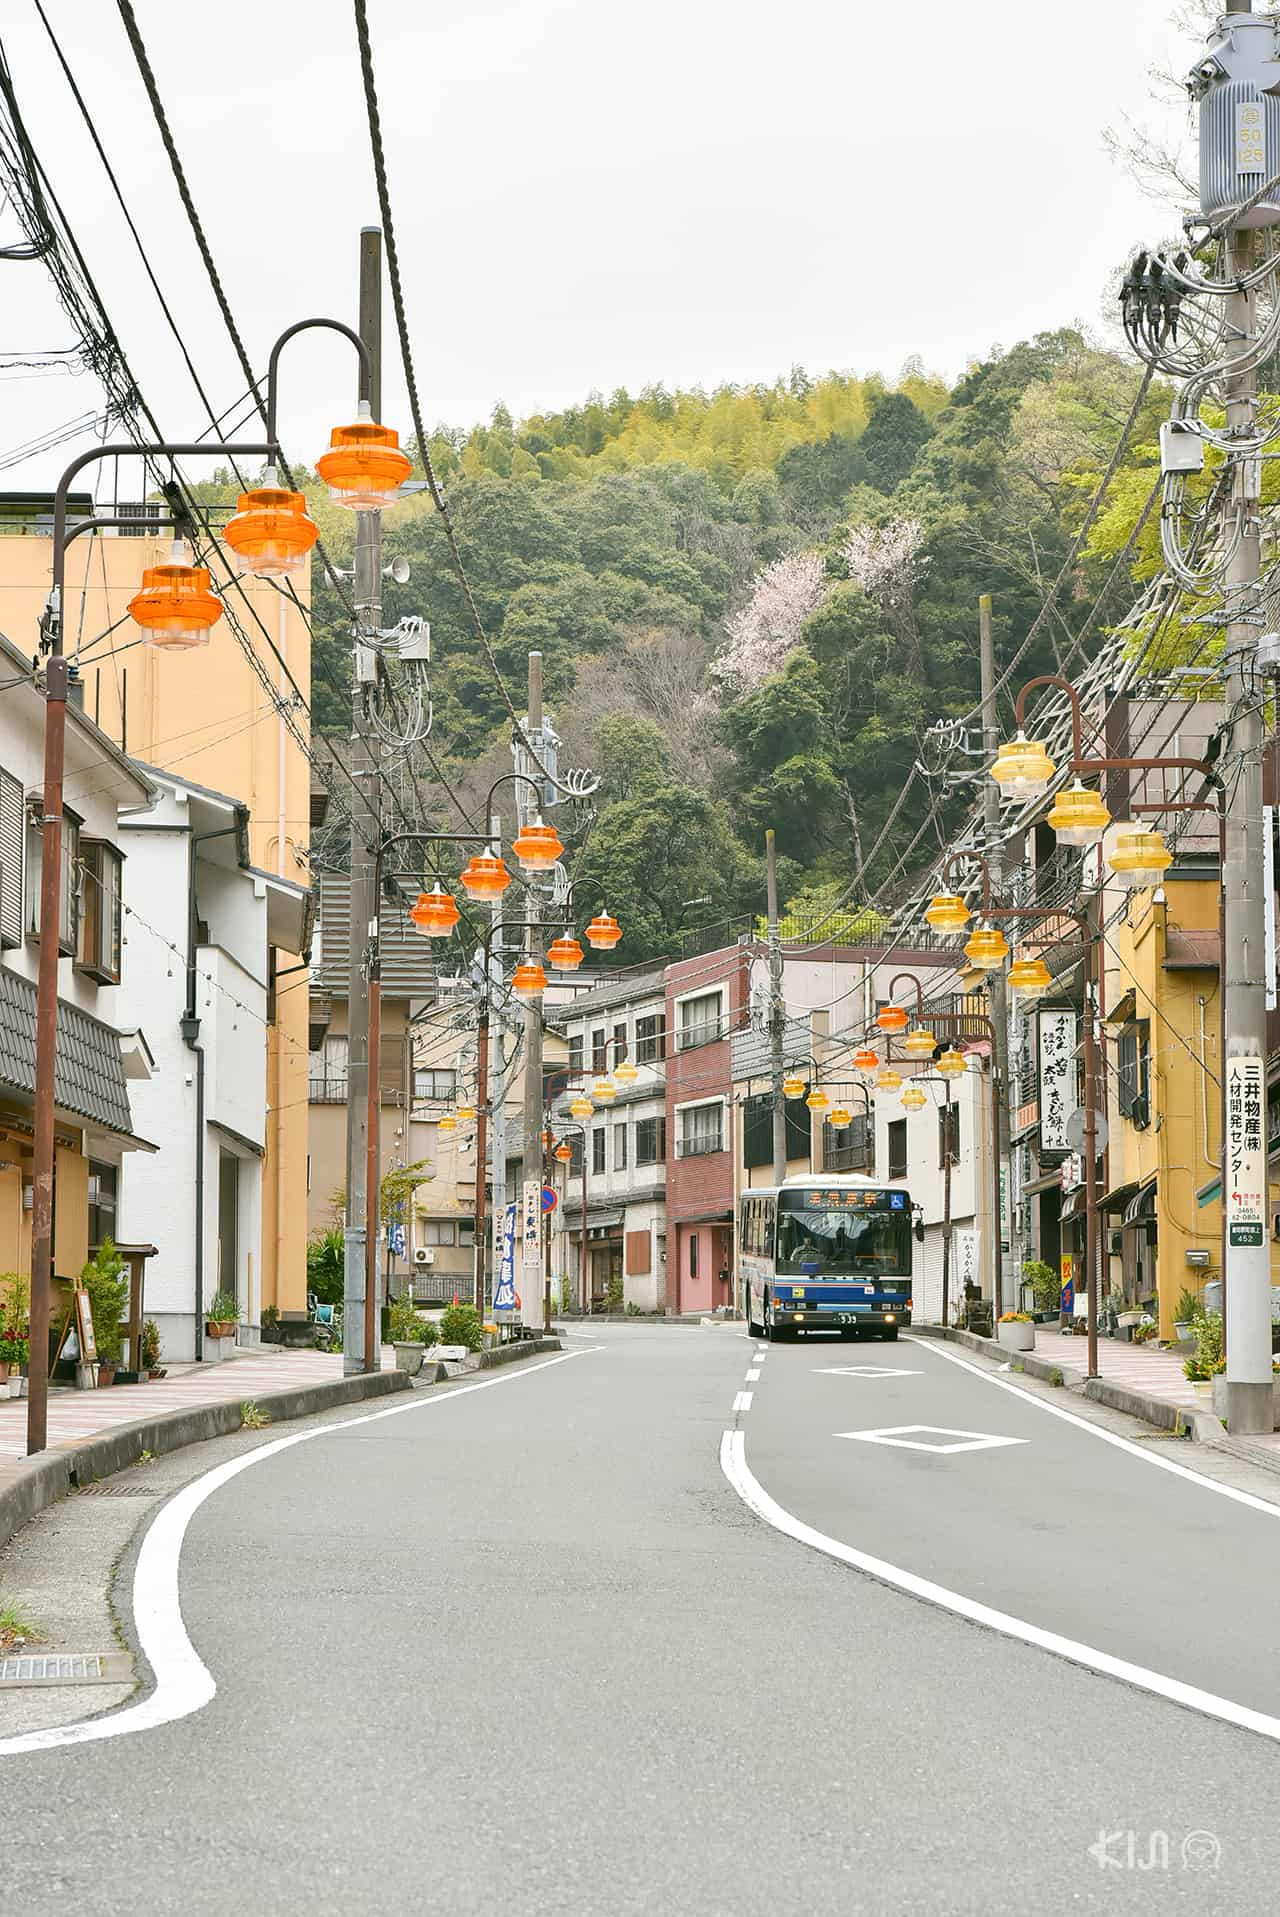 จากสถานียูกาวะระให้นั่งบัสที่หน้าสถานีมาลงที่ป้าย Izumiiriguchi